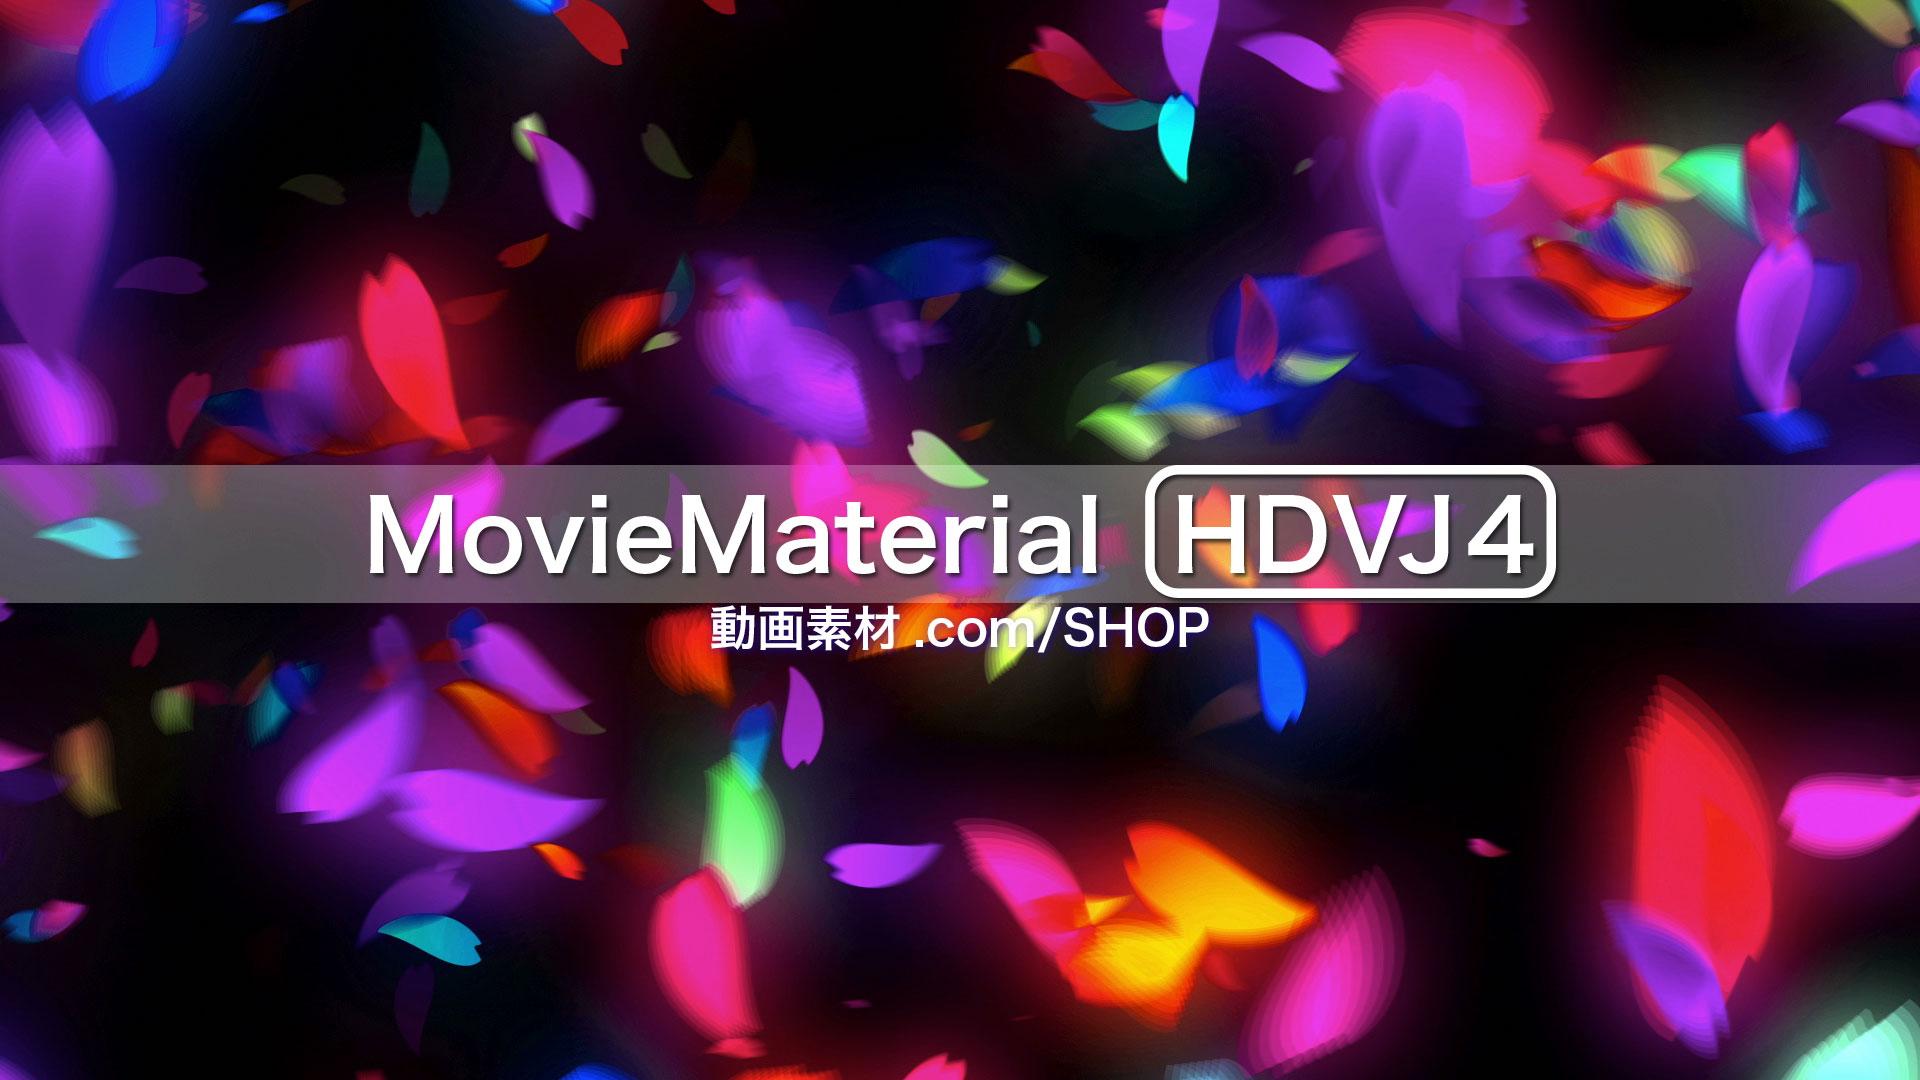 フルハイビジョン動画素材集第4段【MovieMaterial HDVJ4】ロイヤリティフリー(著作権使用料無料)6